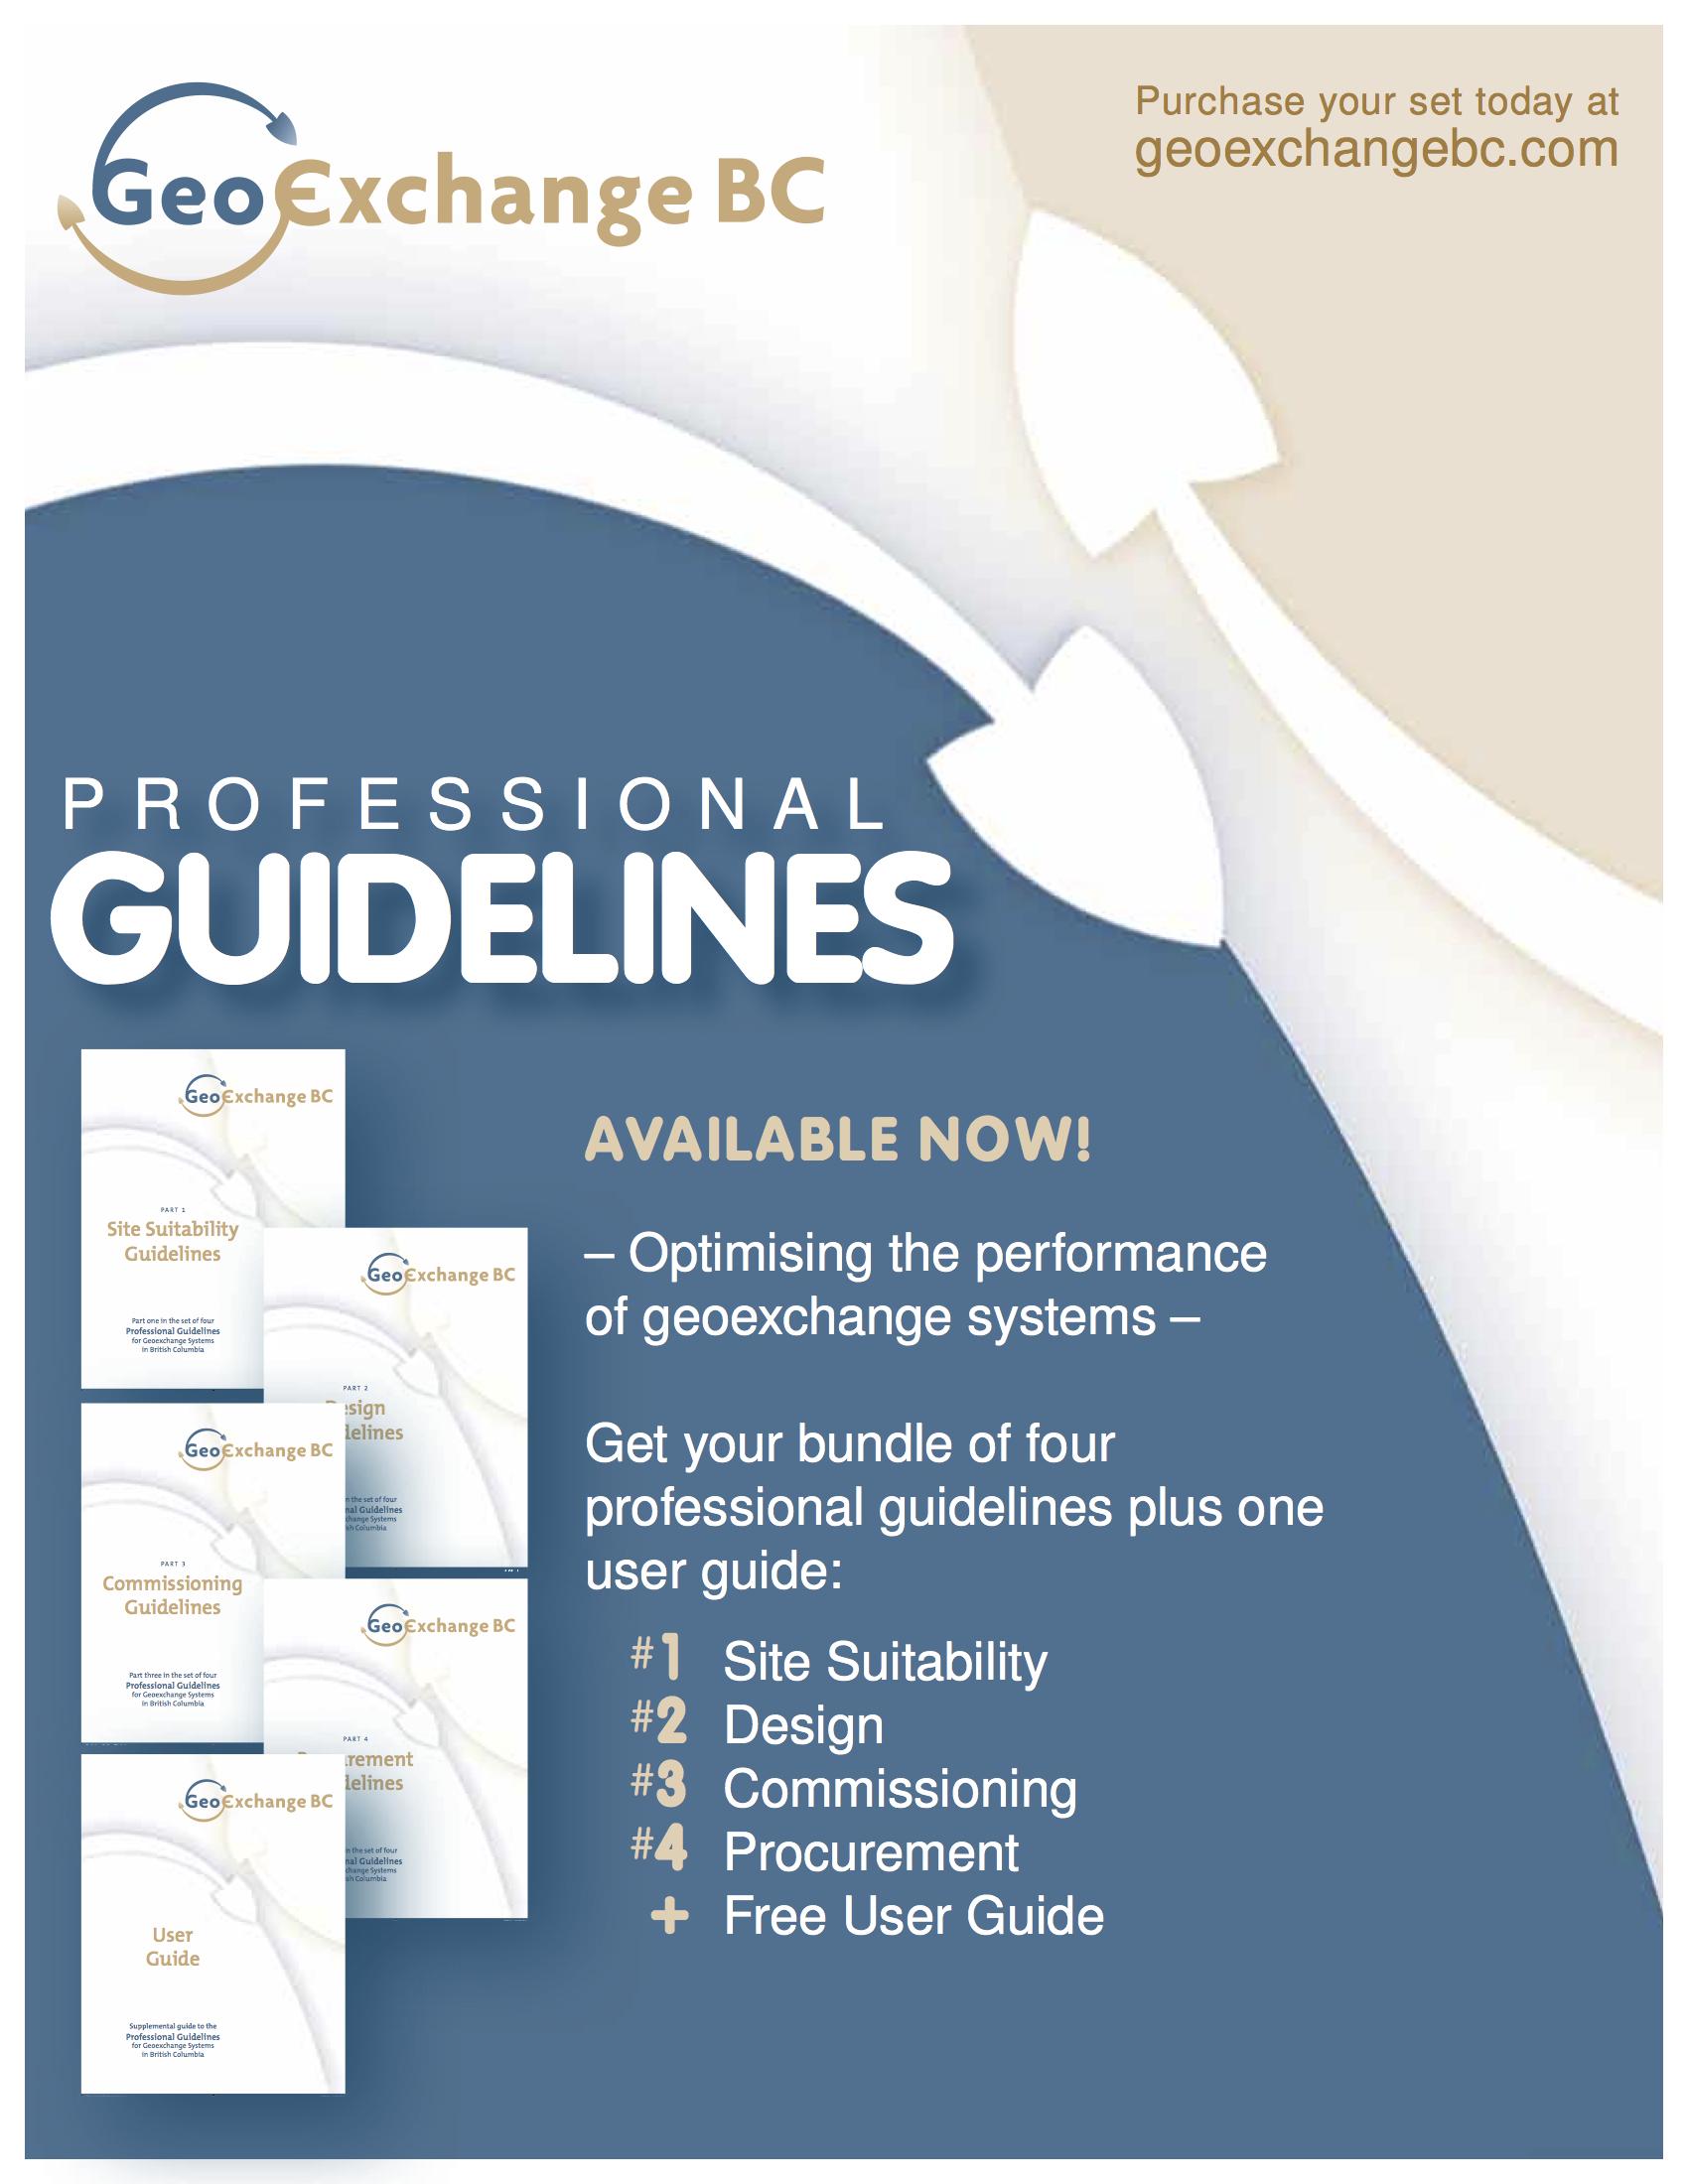 Professional Guidelines sellsheet.jpg